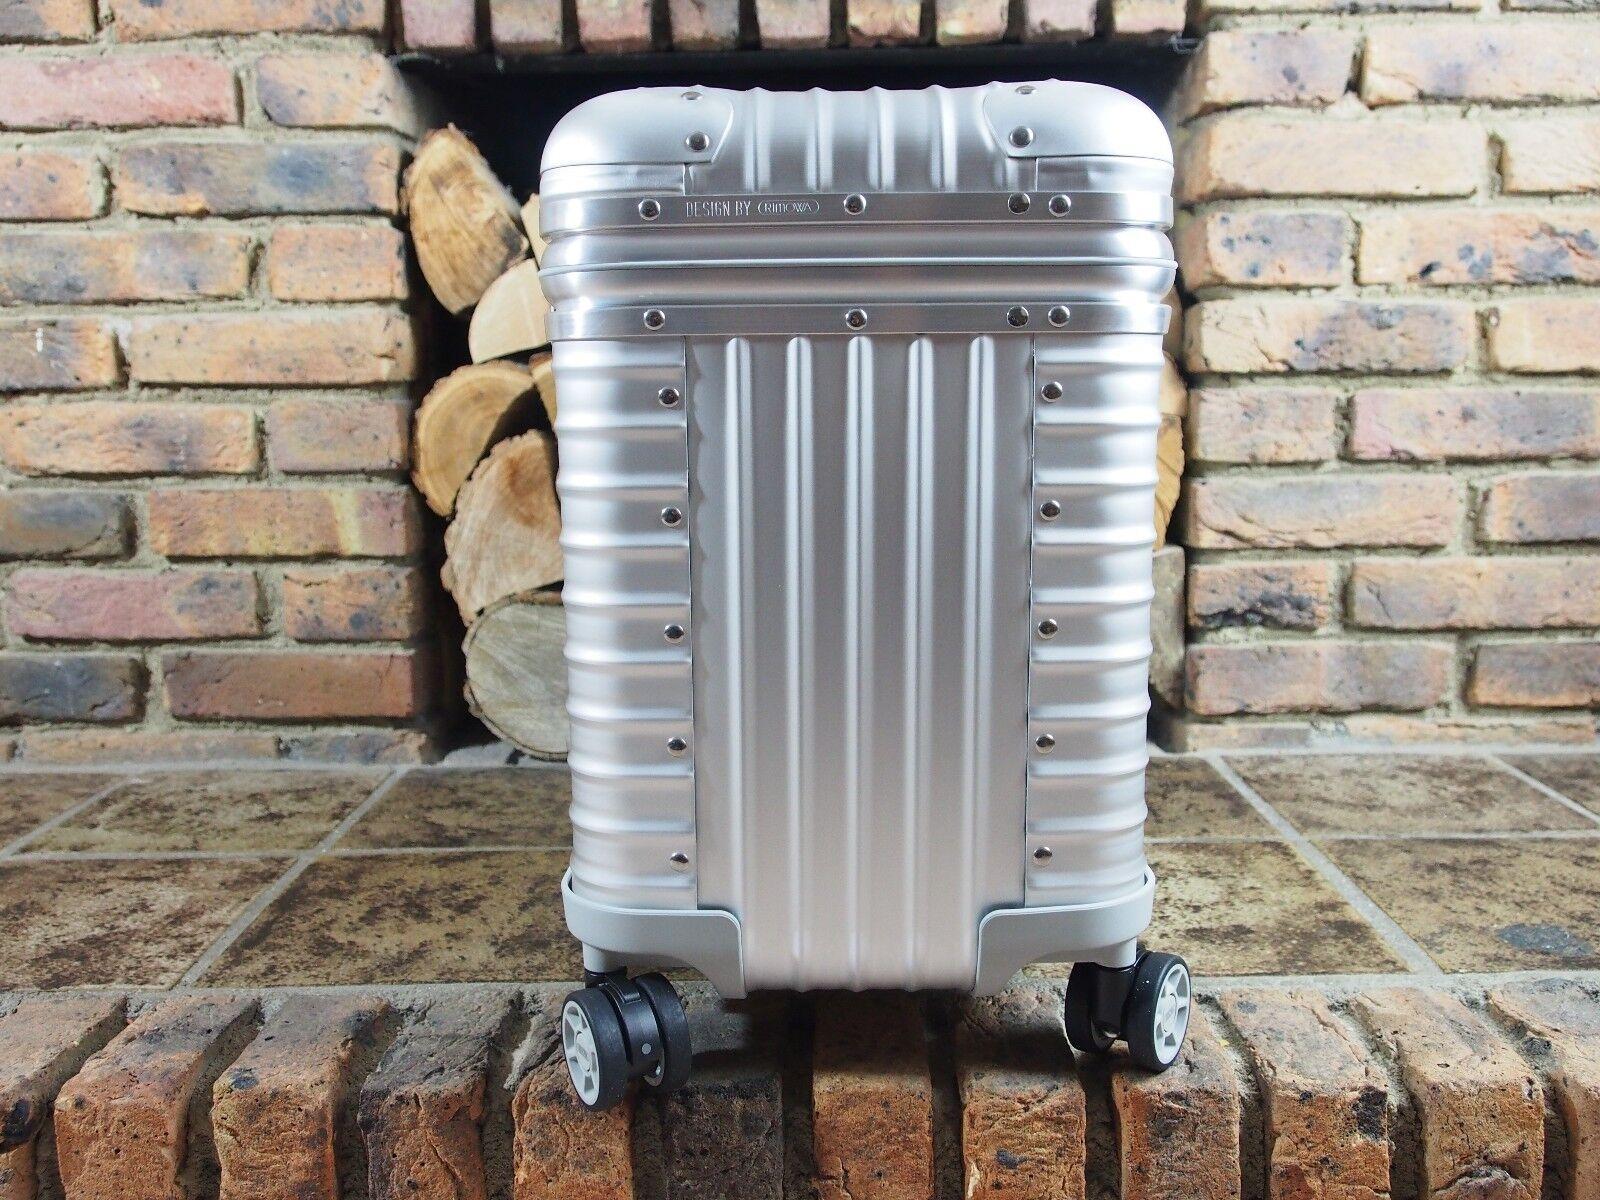 rimowa pilot multiwheel aluminium new 92351004 cad 1 picclick ca. Black Bedroom Furniture Sets. Home Design Ideas